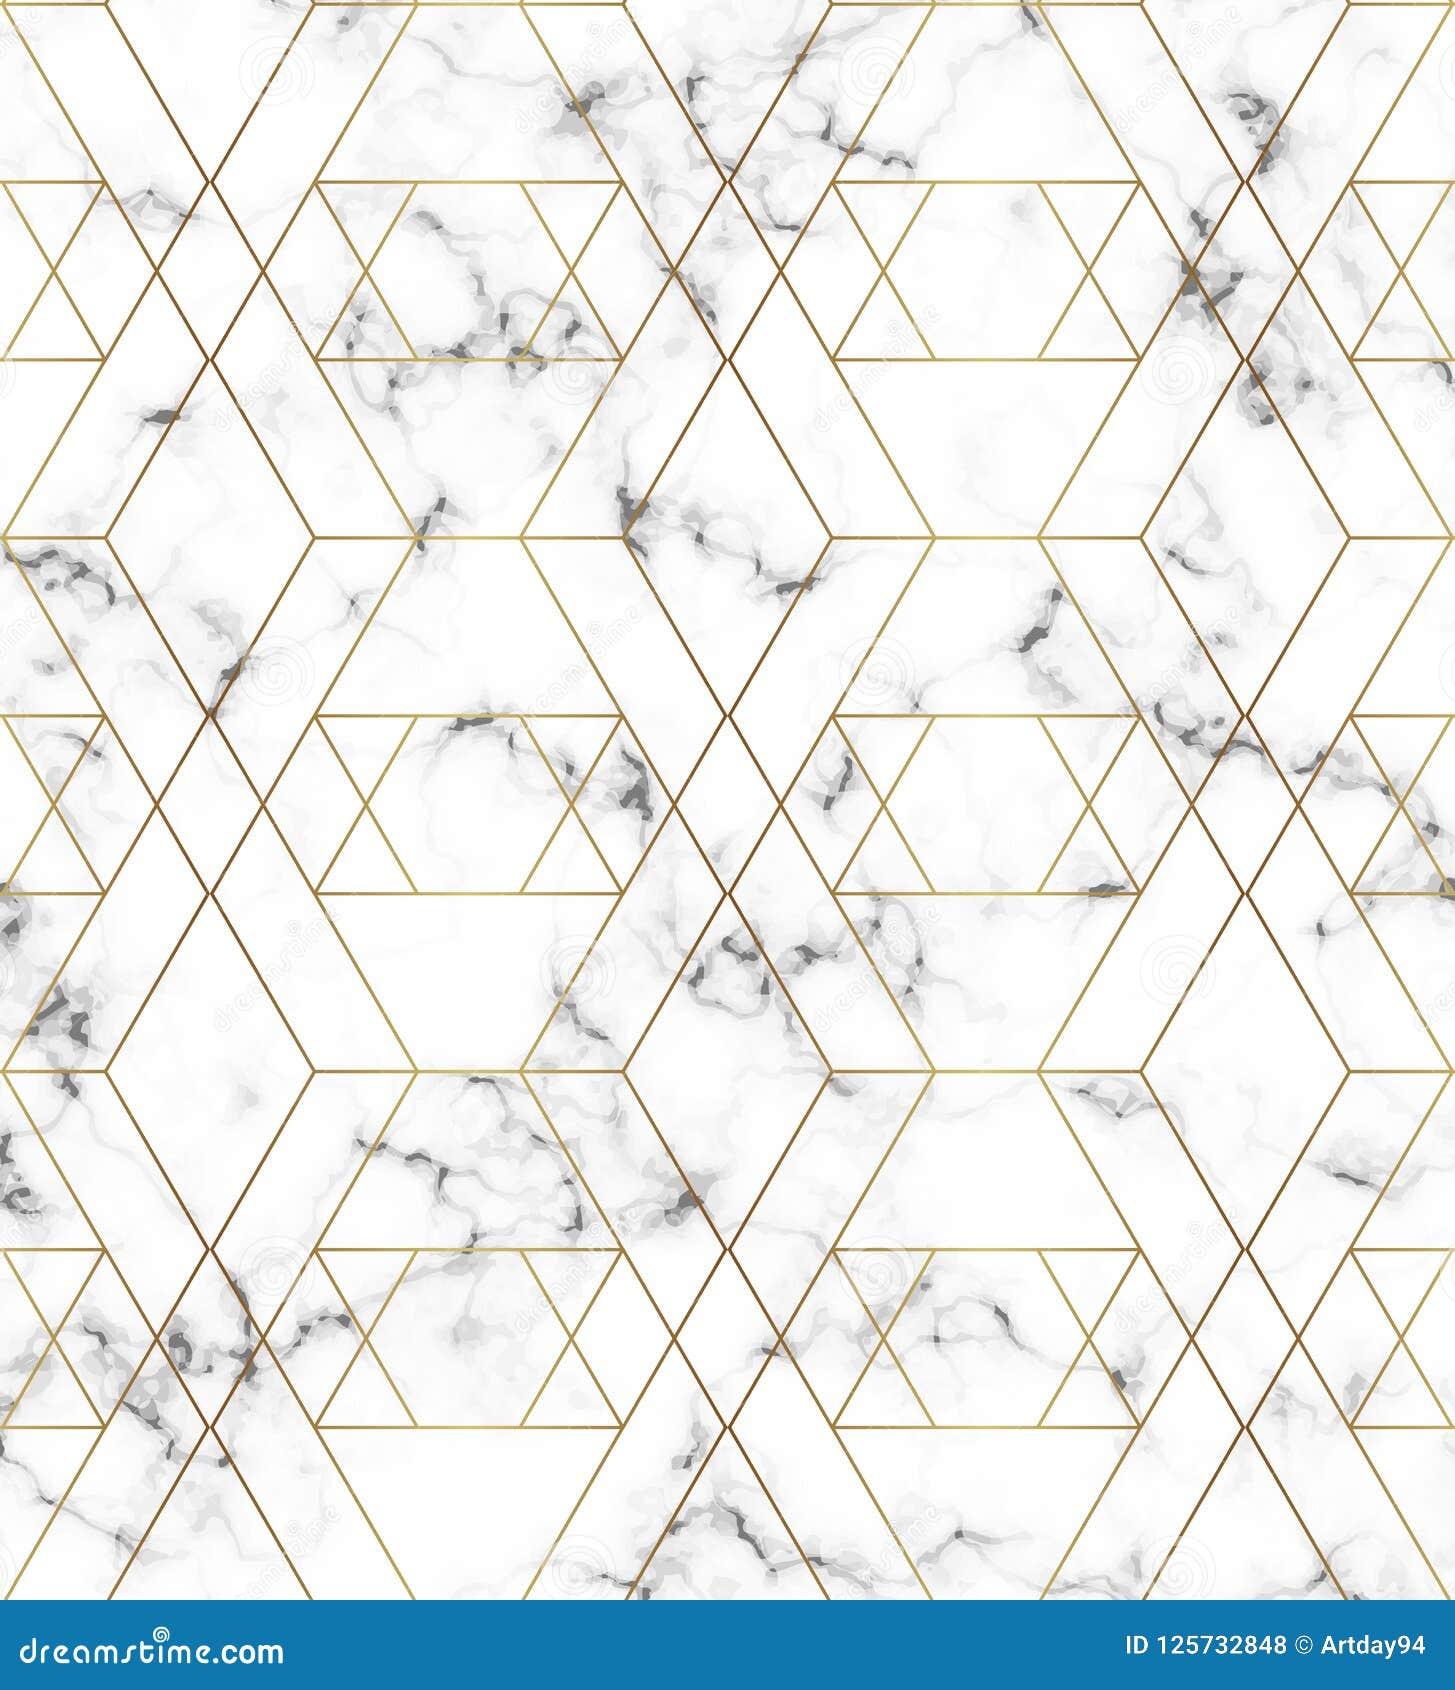 Weiße Marmorbeschaffenheit mit Goldlinie Muster Hintergrund für Designe, Fahne, Karte, Flieger, Einladung, Partei, Geburtstag, Ho